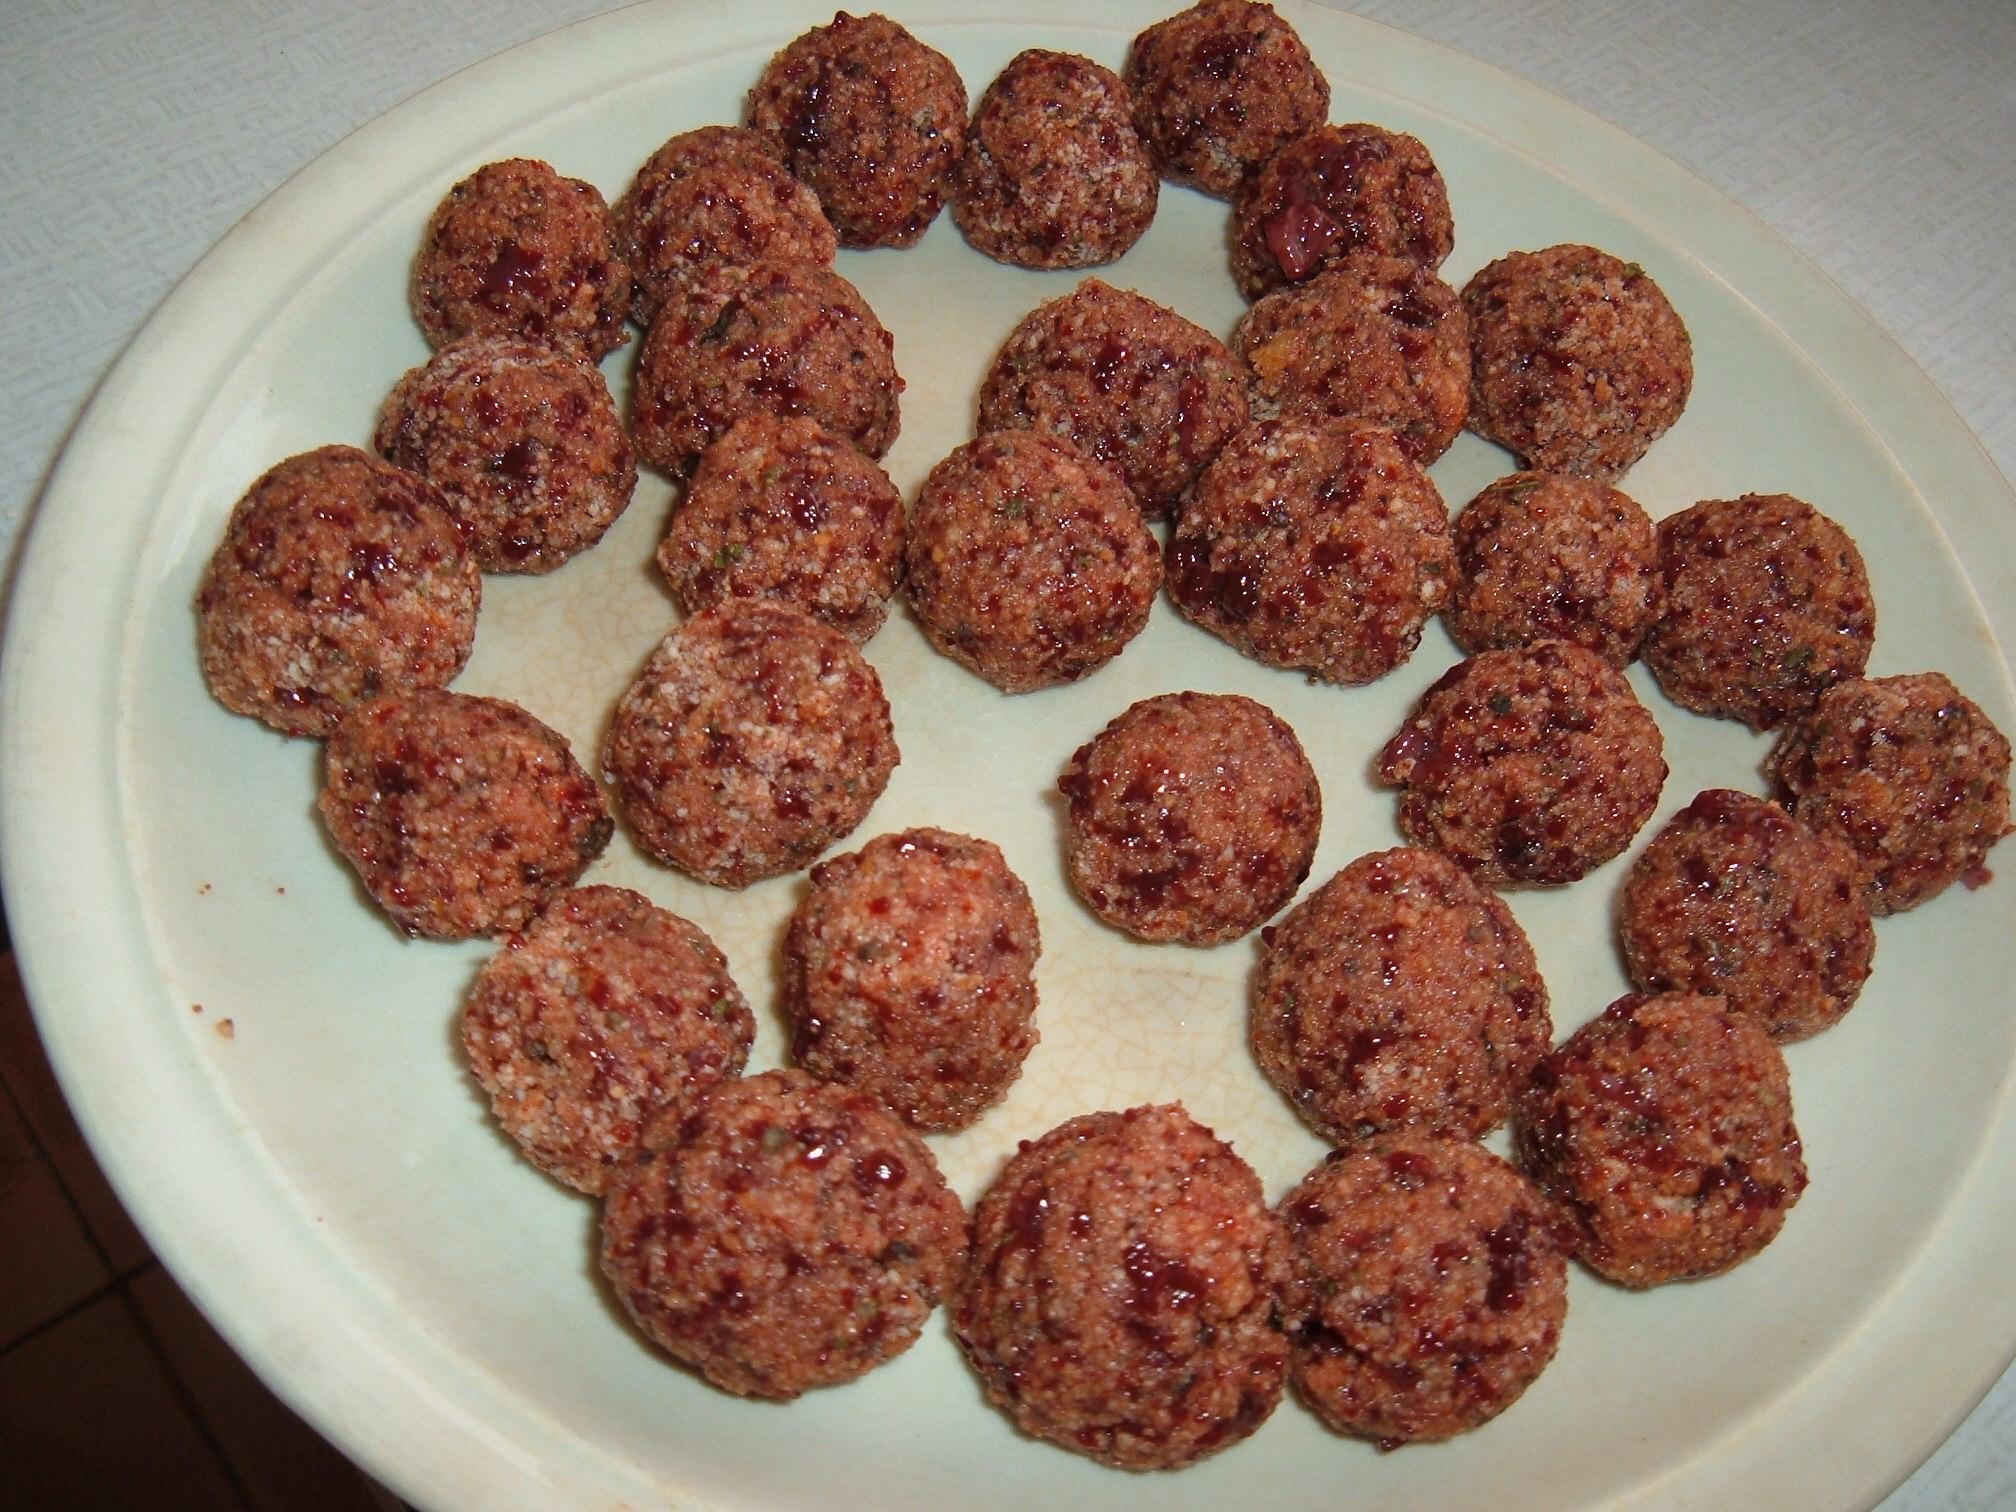 Recept Játrové knedlíčky - Nachystané jen je dát do polévky.